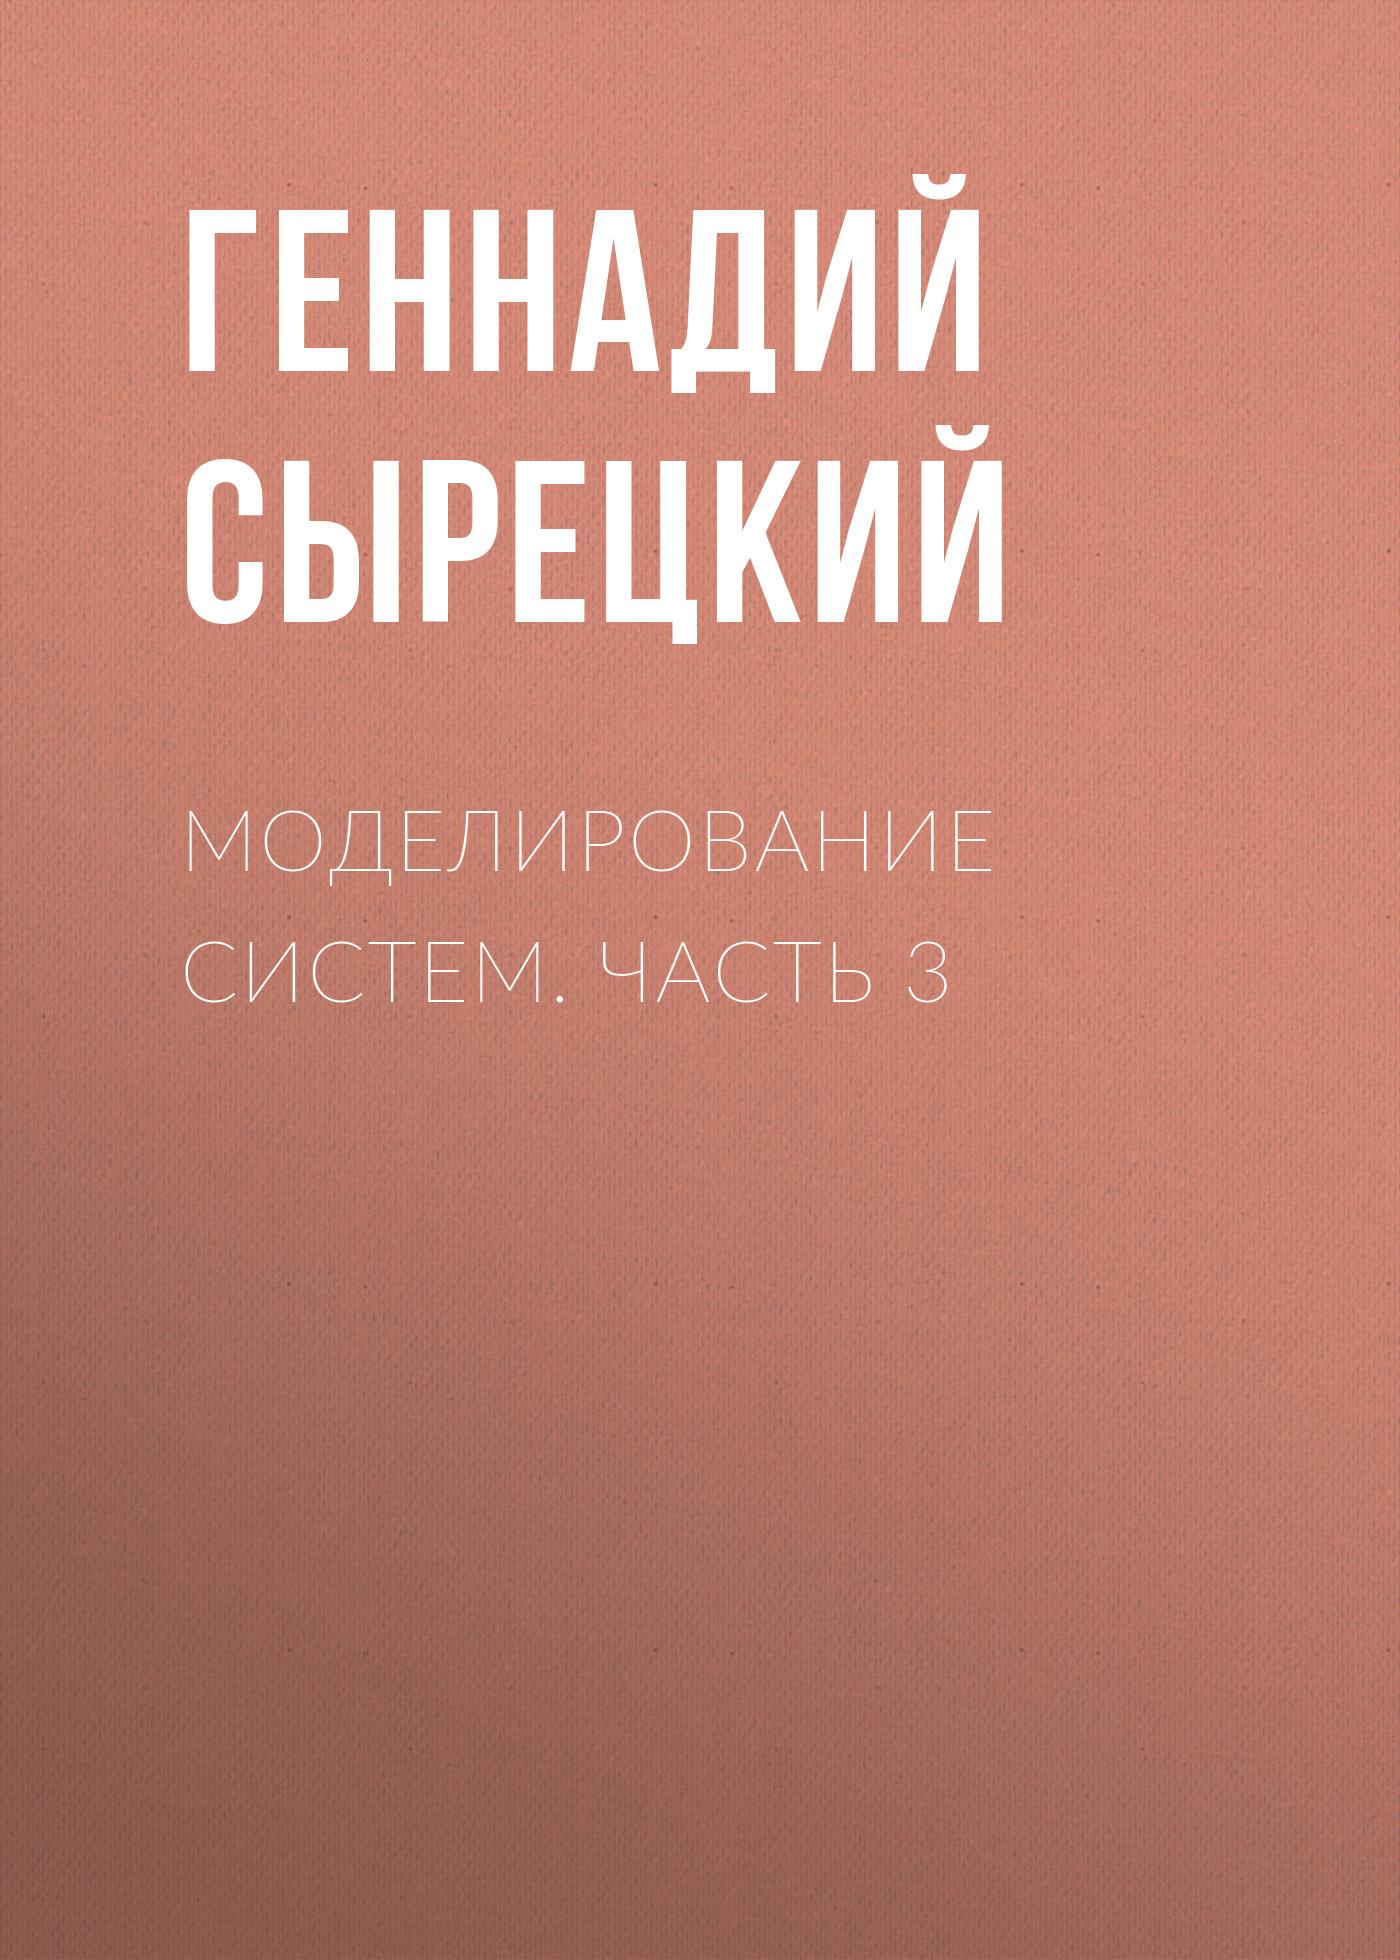 Геннадий Сырецкий Моделирование систем. Часть 3 е а арайс в м дмитриев автоматизация моделирования многосвязных механических систем